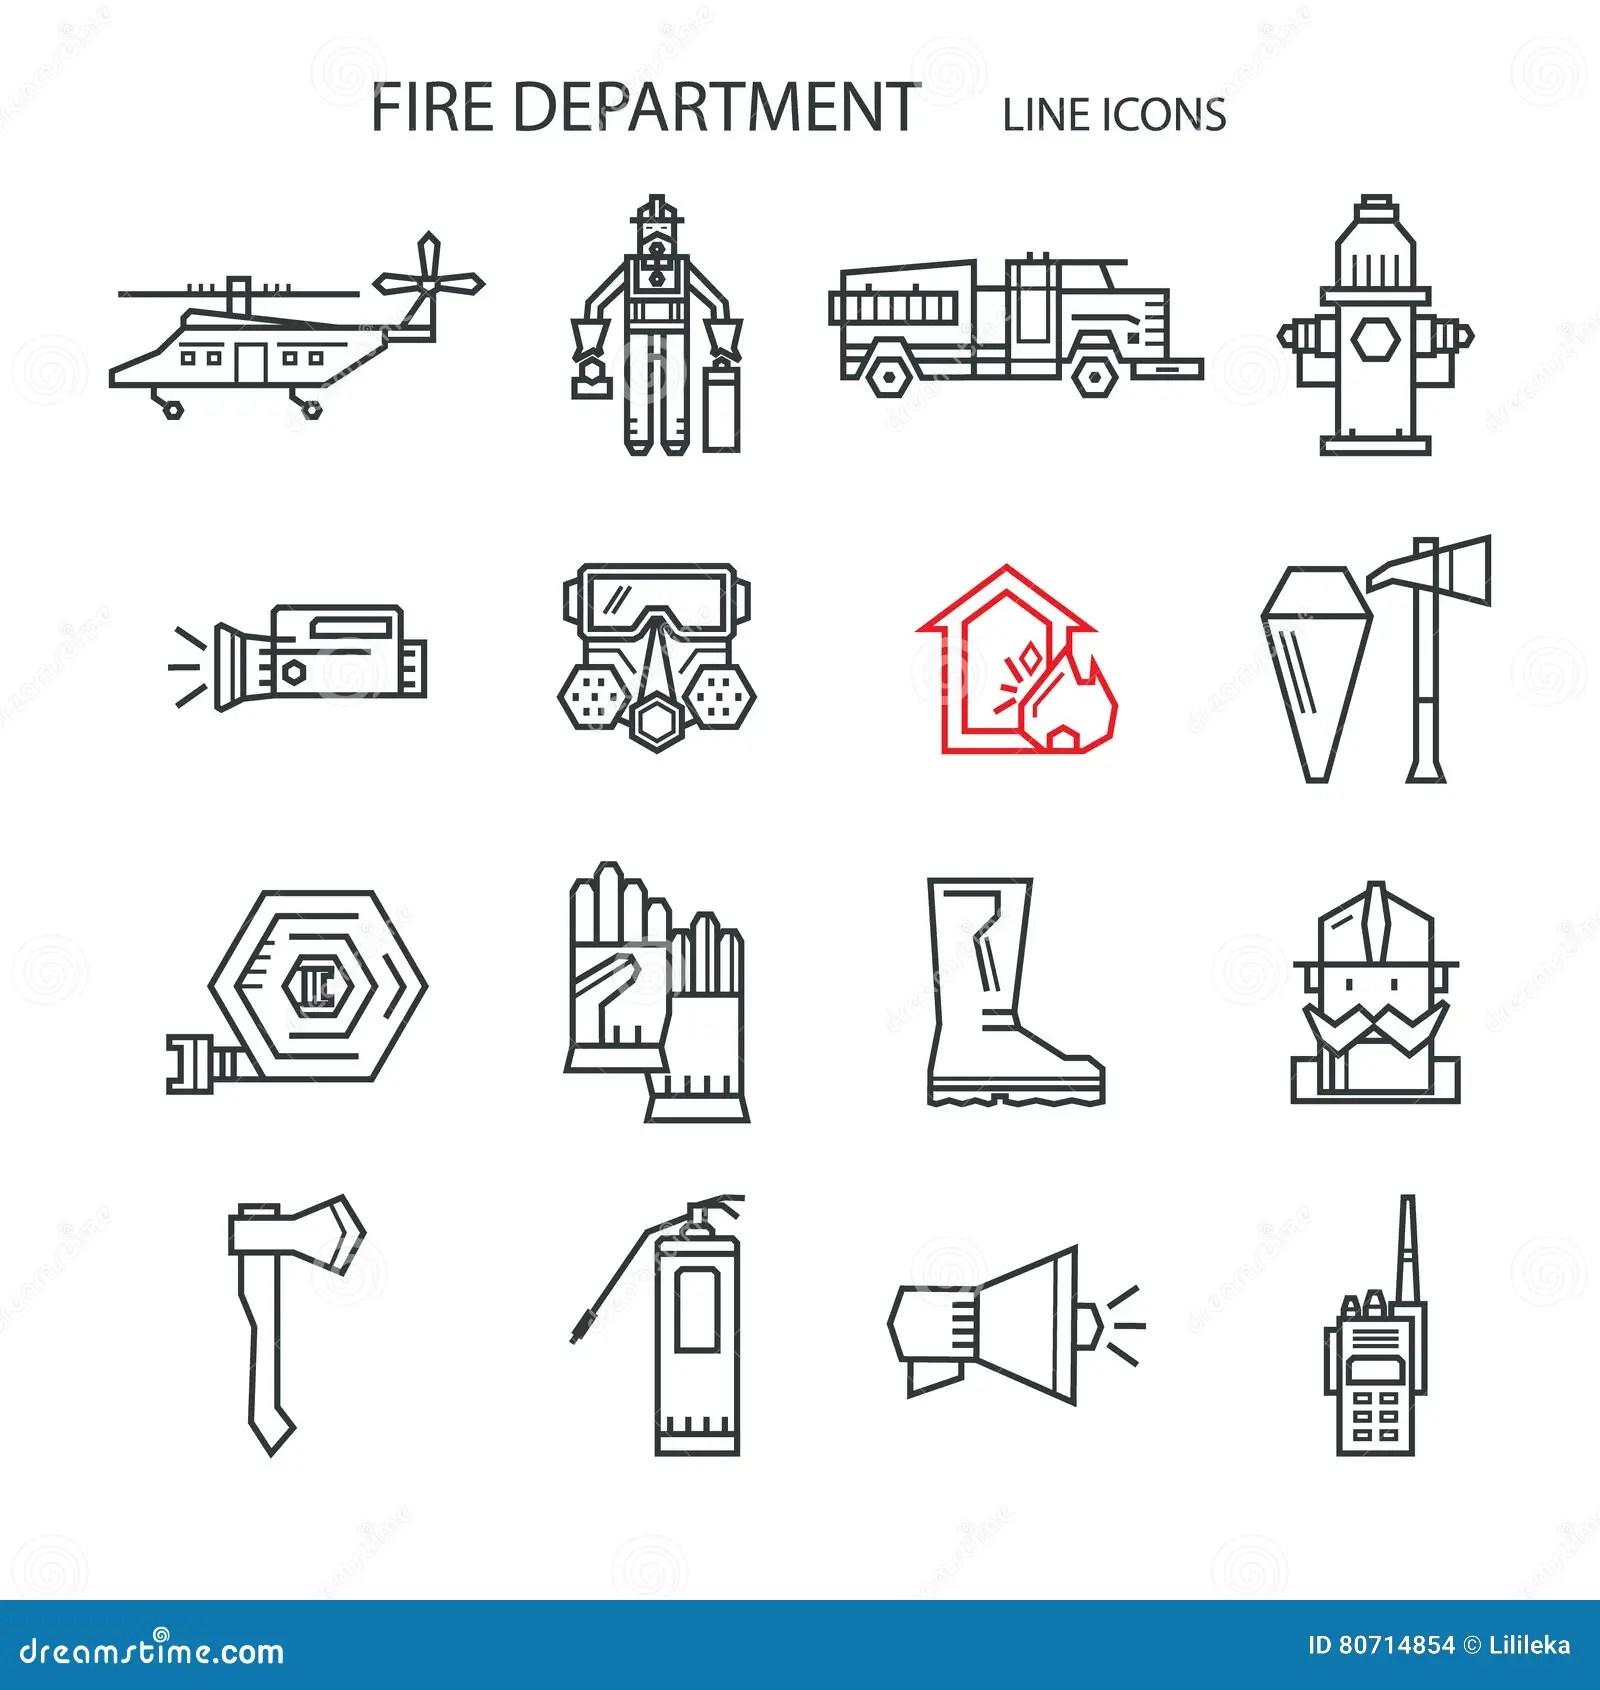 cat dozer engine compartment fires